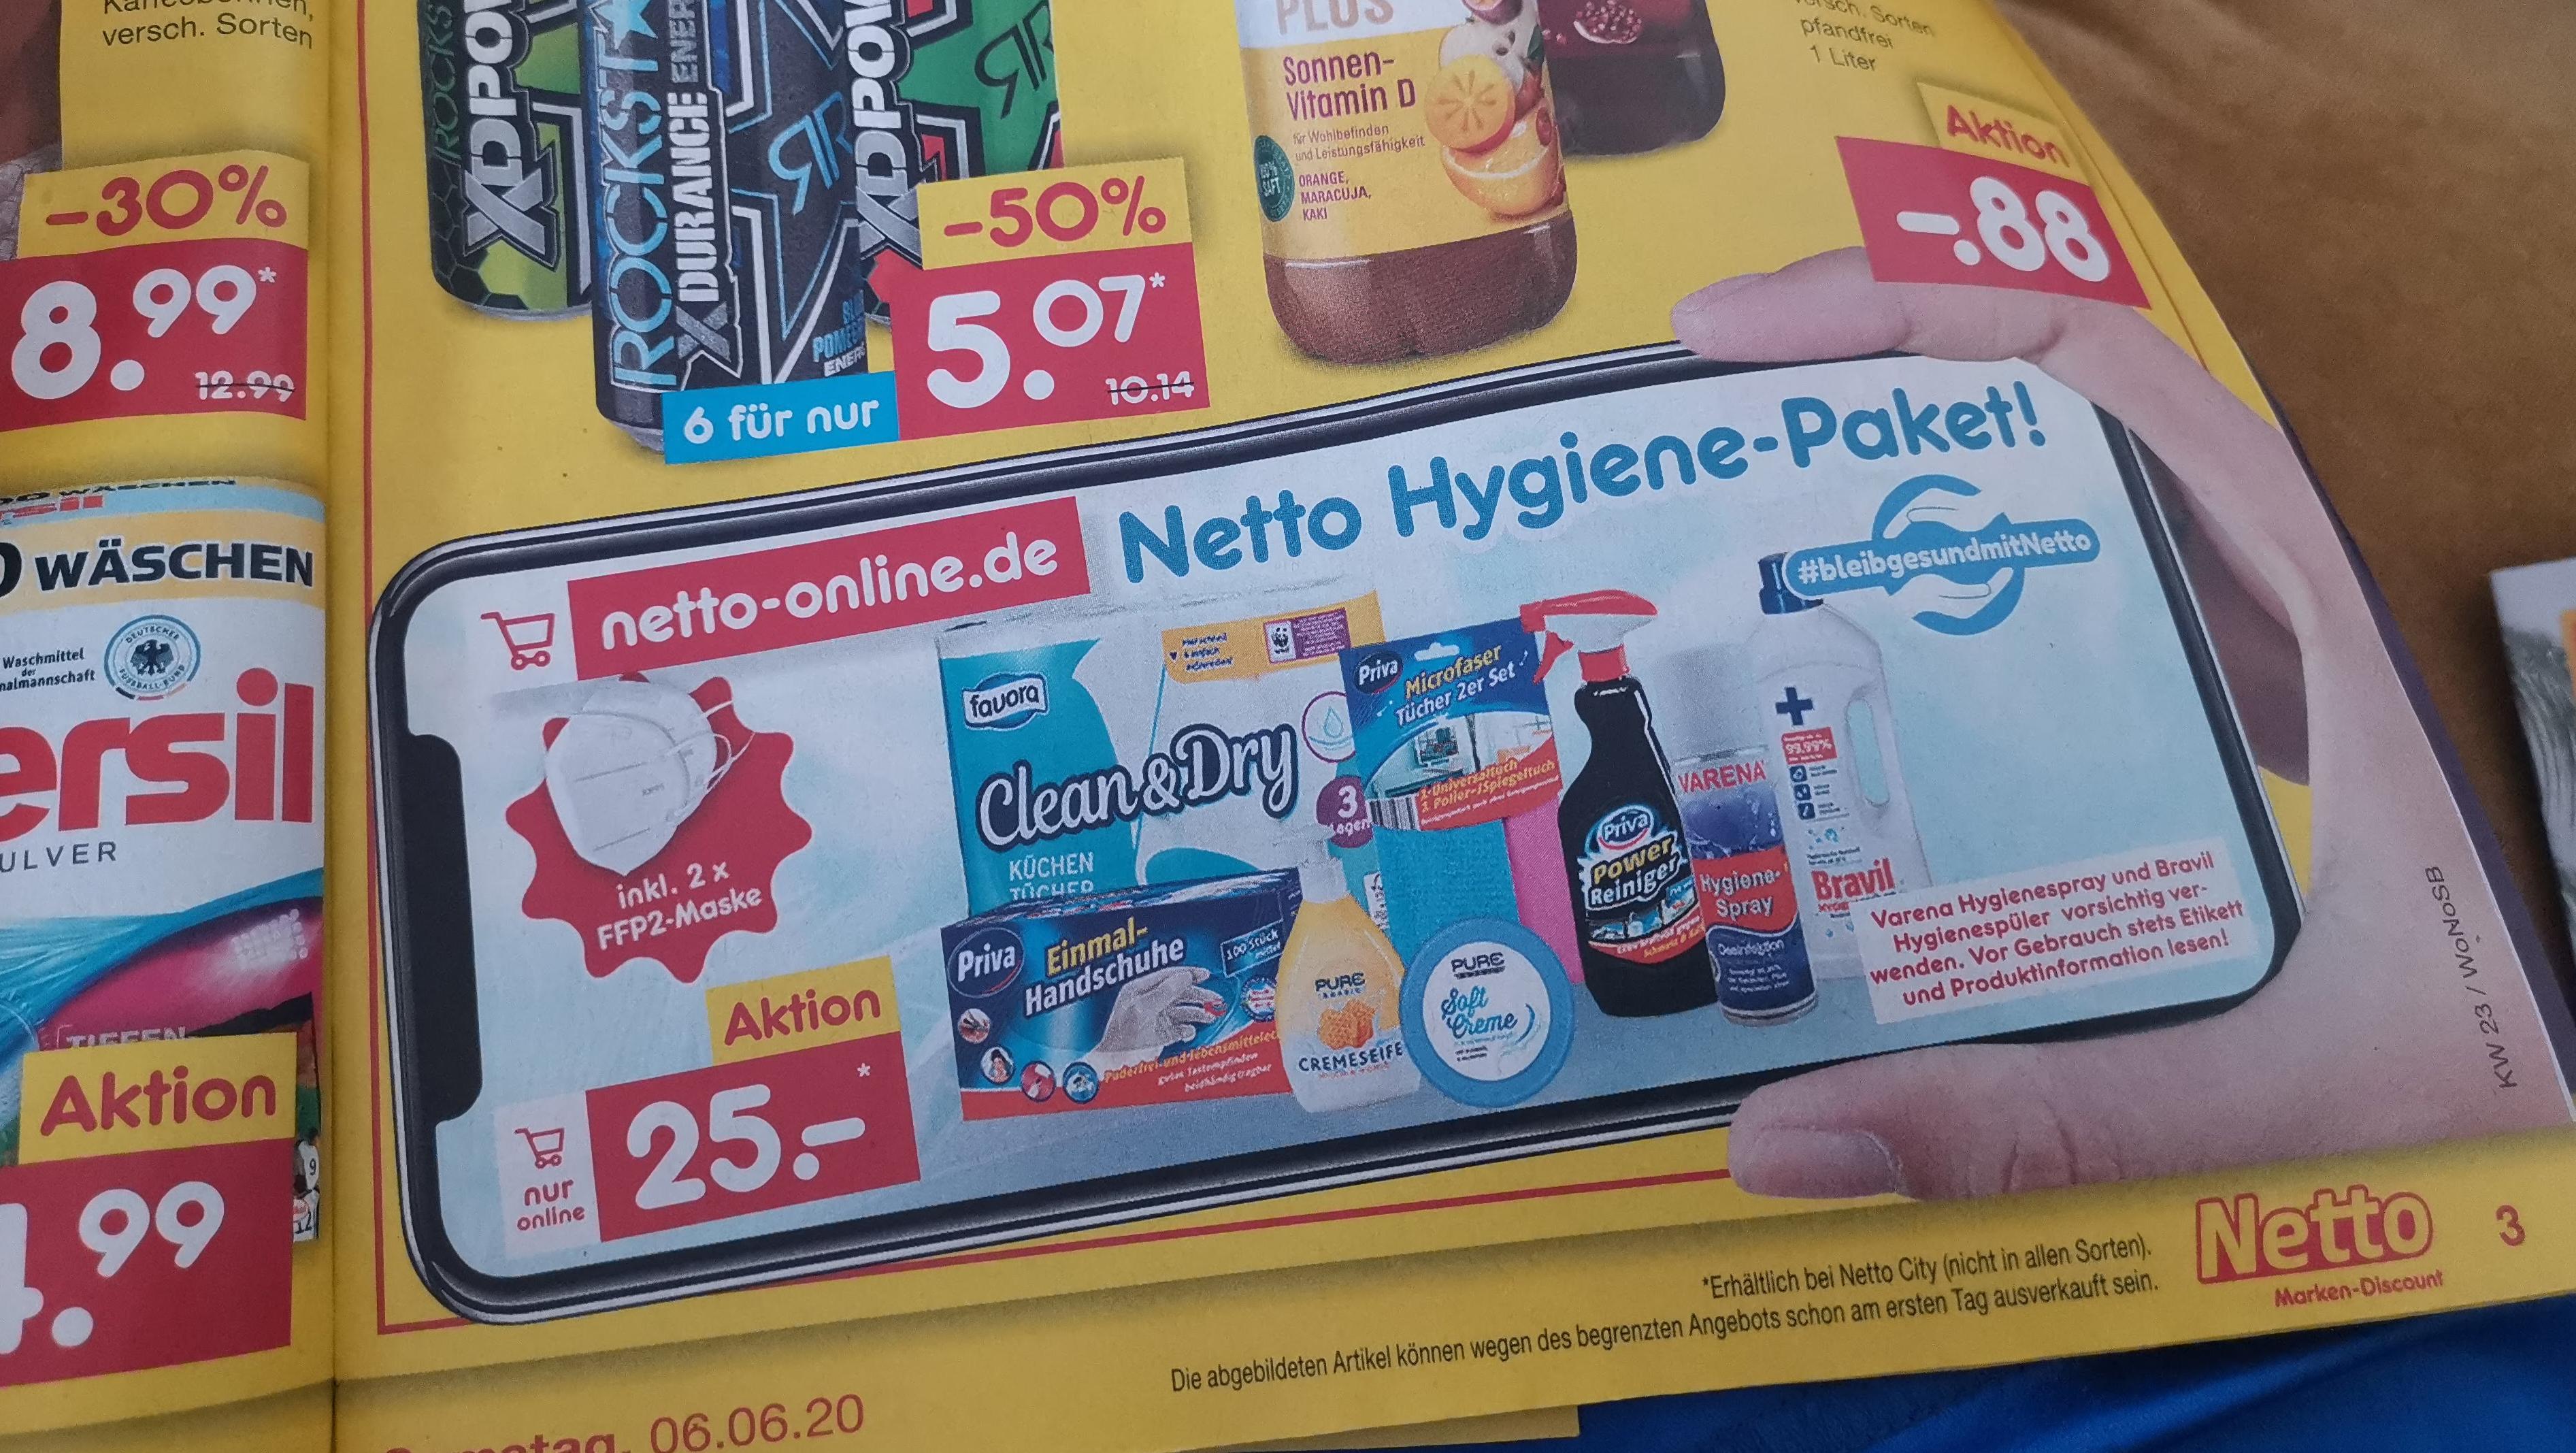 Hygiene-Paket: Netto lockt mit FFP2-Masken